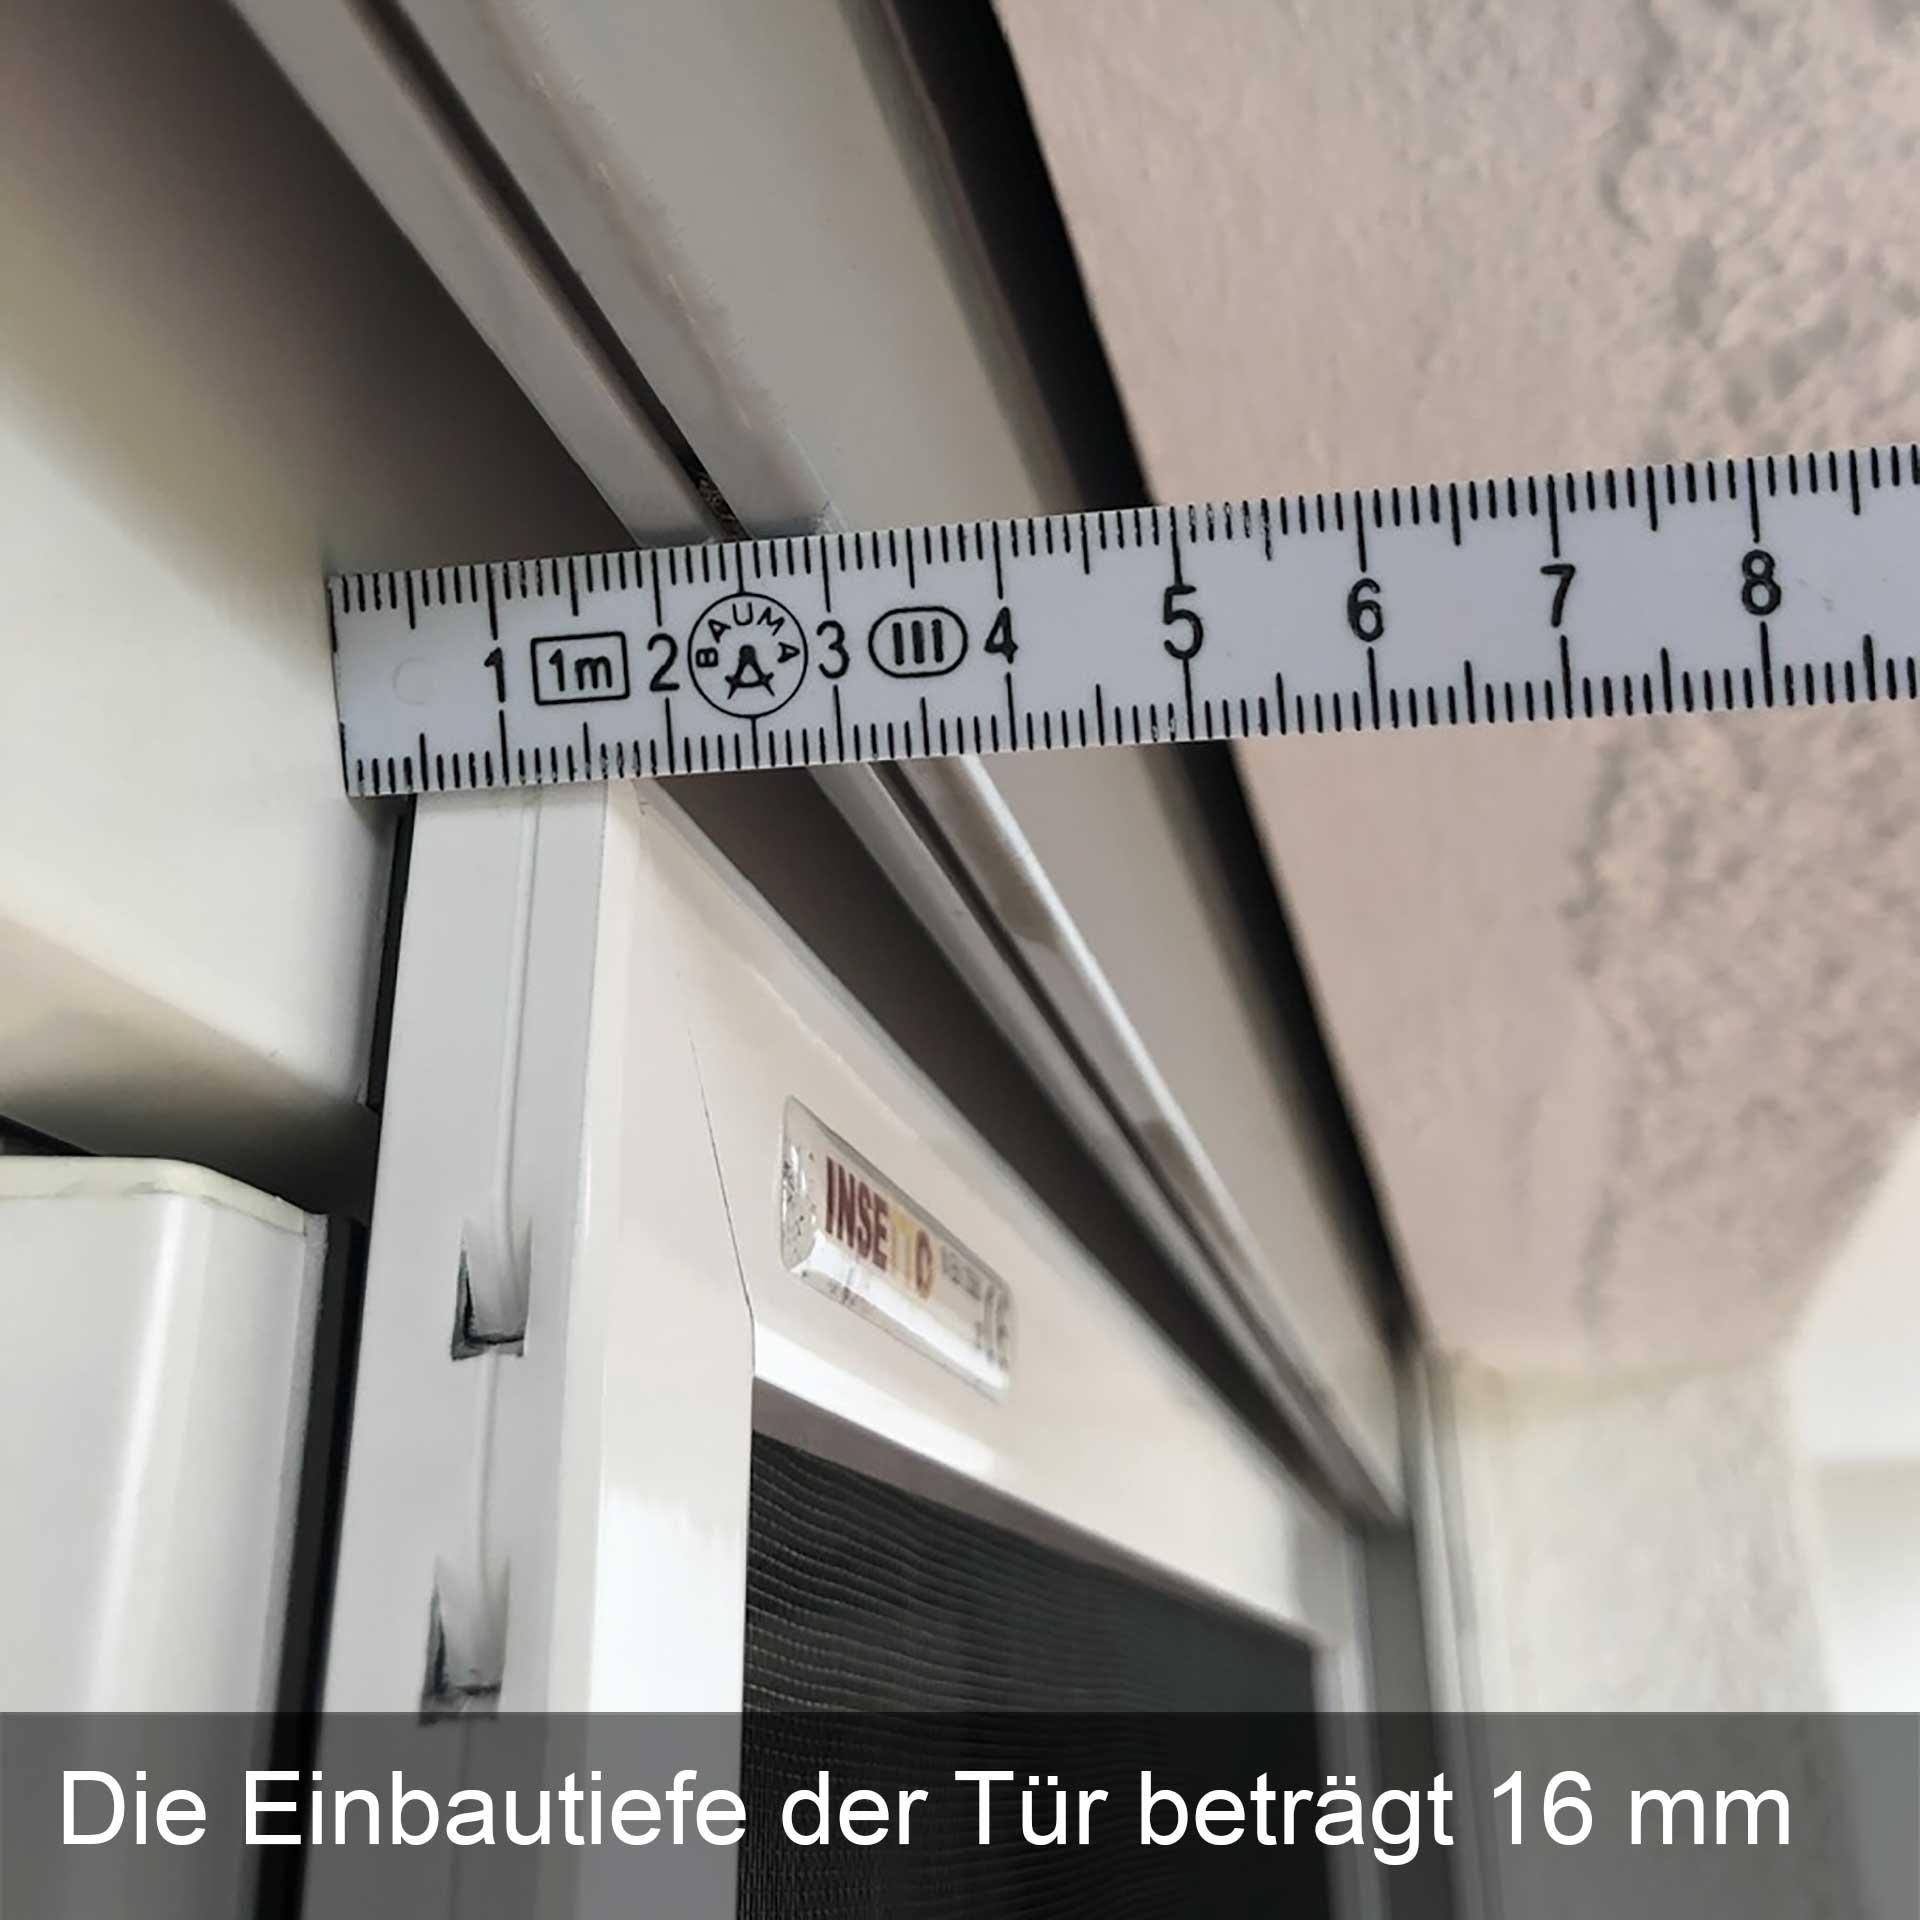 Fliegengittertür fix & fertig zur Befestigung am Tür-Rahmen   Flairline